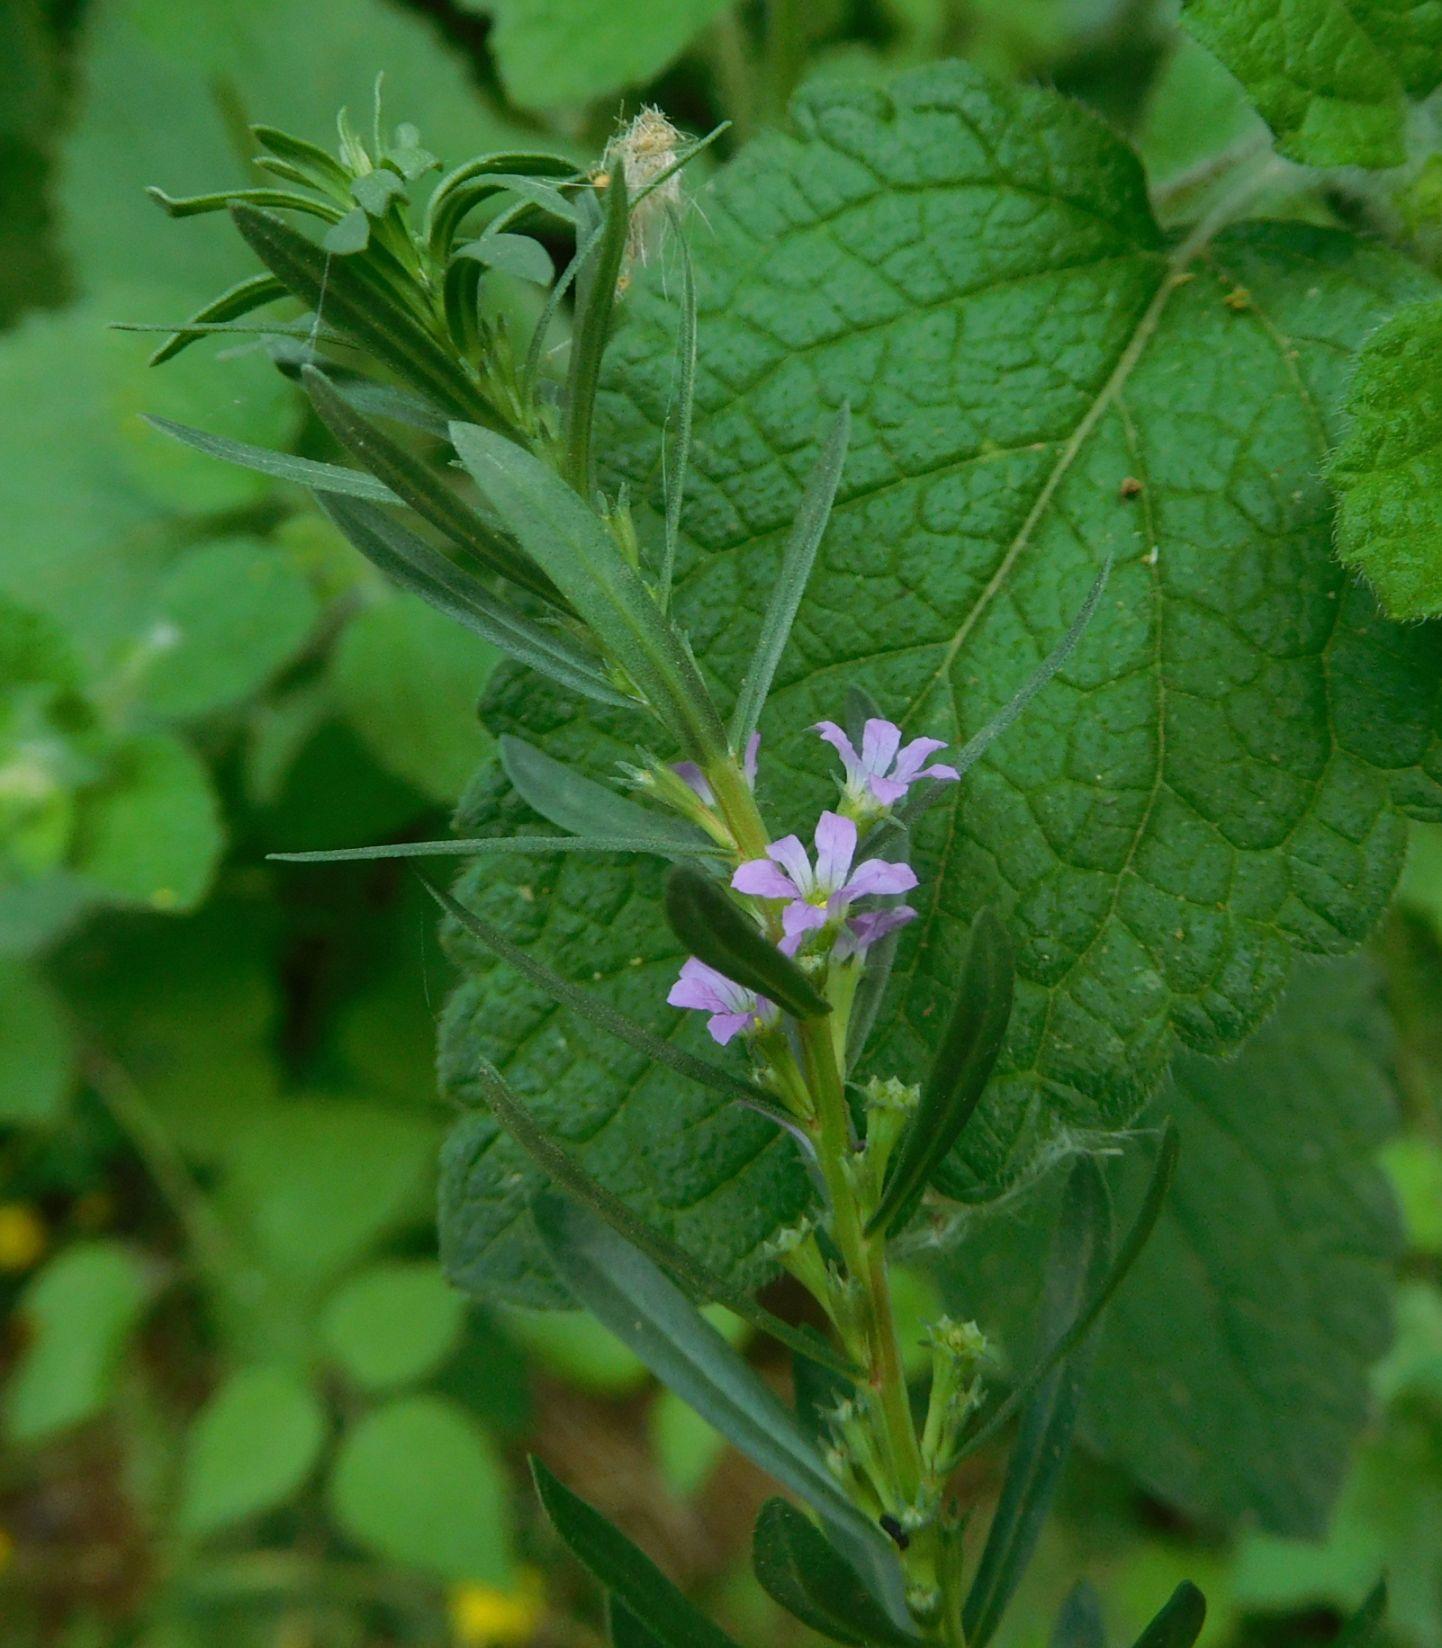 Lythrum cfr. junceum (Lythraceae)